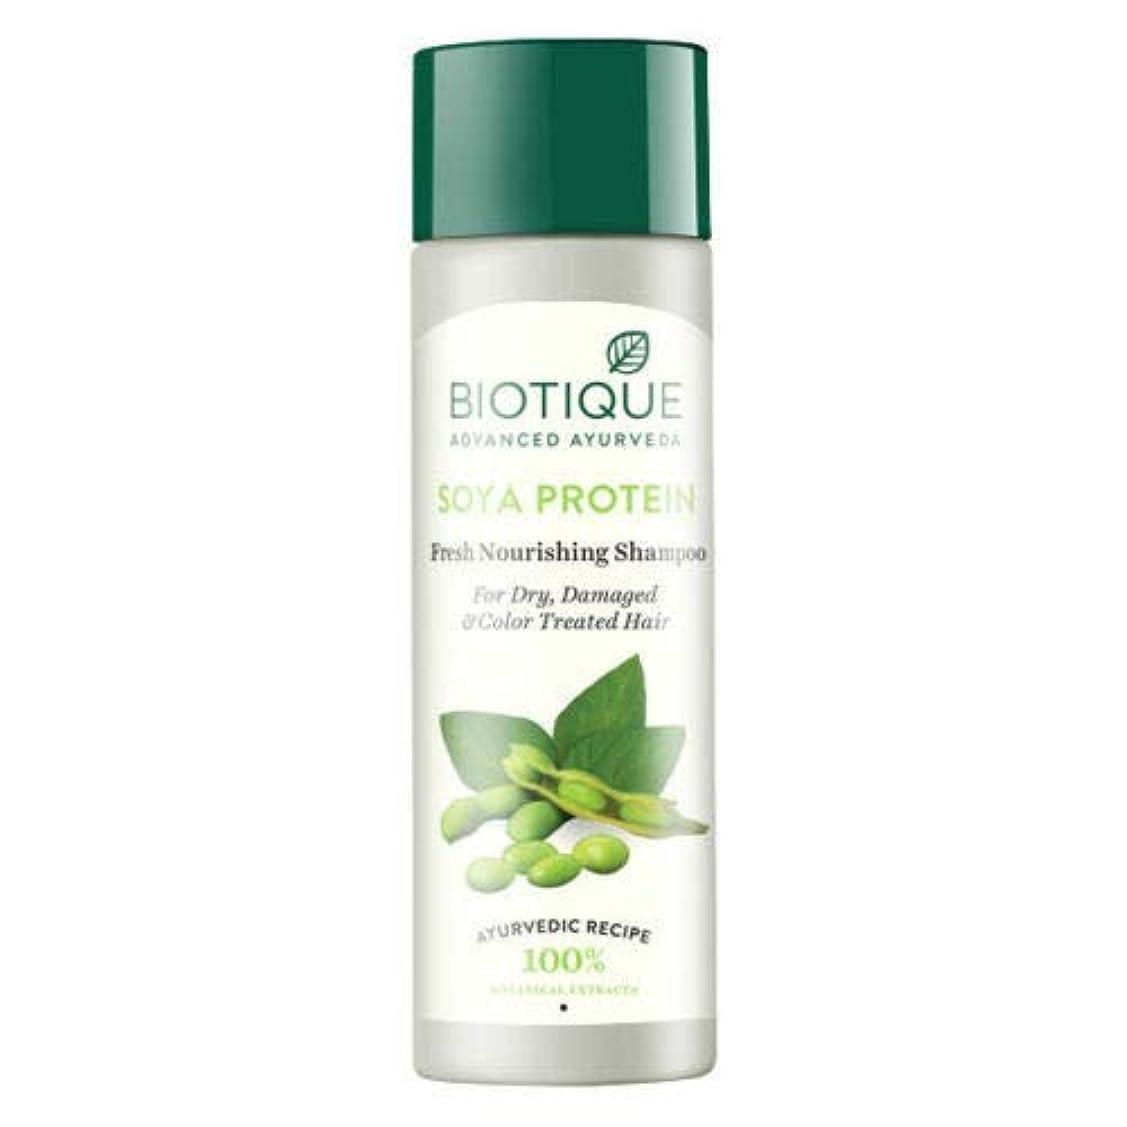 削除するまぶしさ特殊Biotique Bio Soya Protein Fresh Nourishing Shampoo (190 ml) For Dry Hairs 乾いた毛のためのBiotiqueバイオ大豆タンパク質新鮮な栄養シャンプー